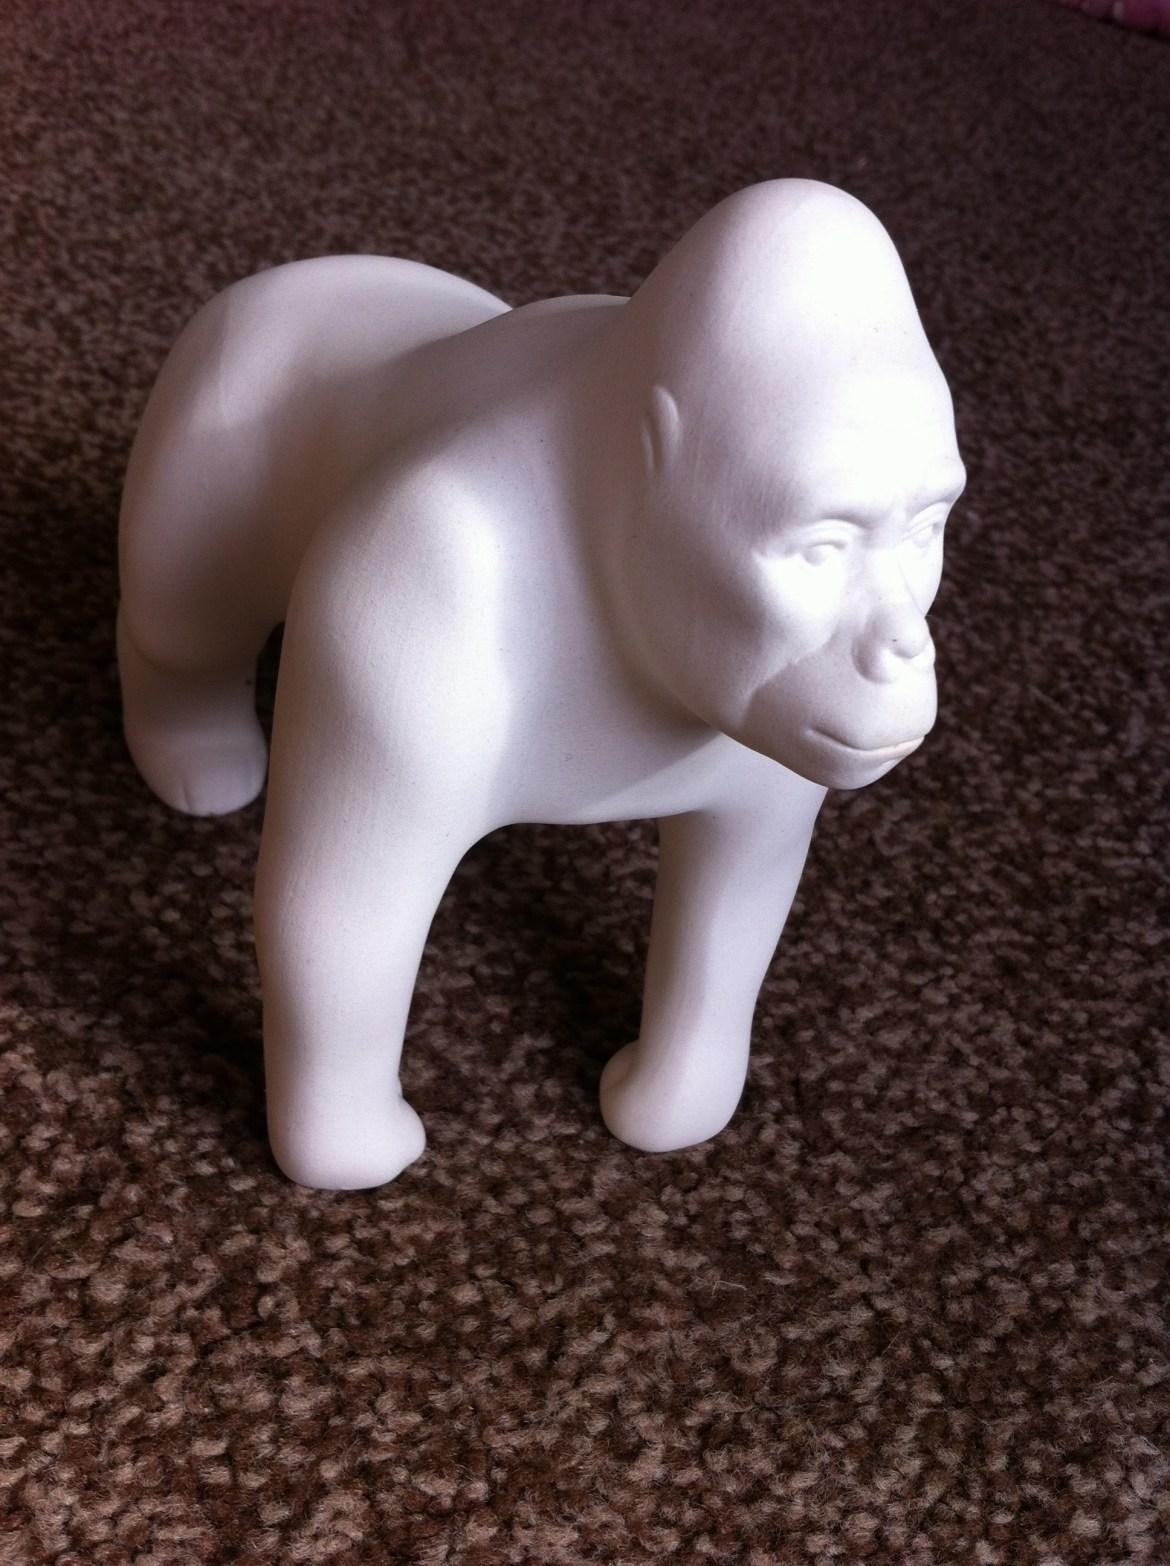 A white Go Go Gorilla